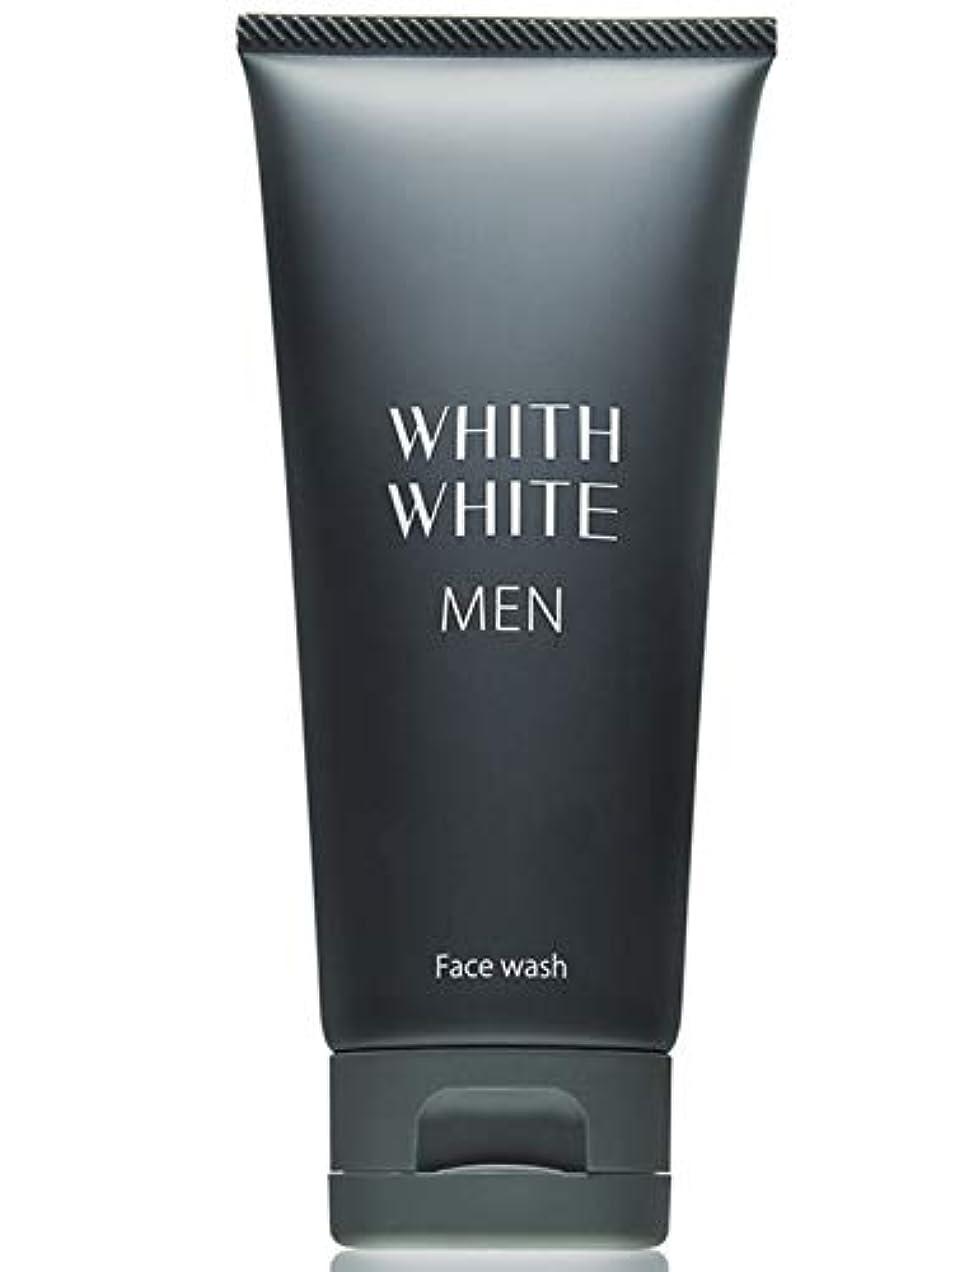 信者習慣到着する洗顔 メンズ 医薬部外品 【 男 の しみ くすみ 対策 】 フィス ホワイト 「 30代~50代の 男性 専用 洗顔フォーム 」「 保湿 ヒアルロン酸 配合 洗顔料 」(男性用 スキンケア 化粧品 )95g